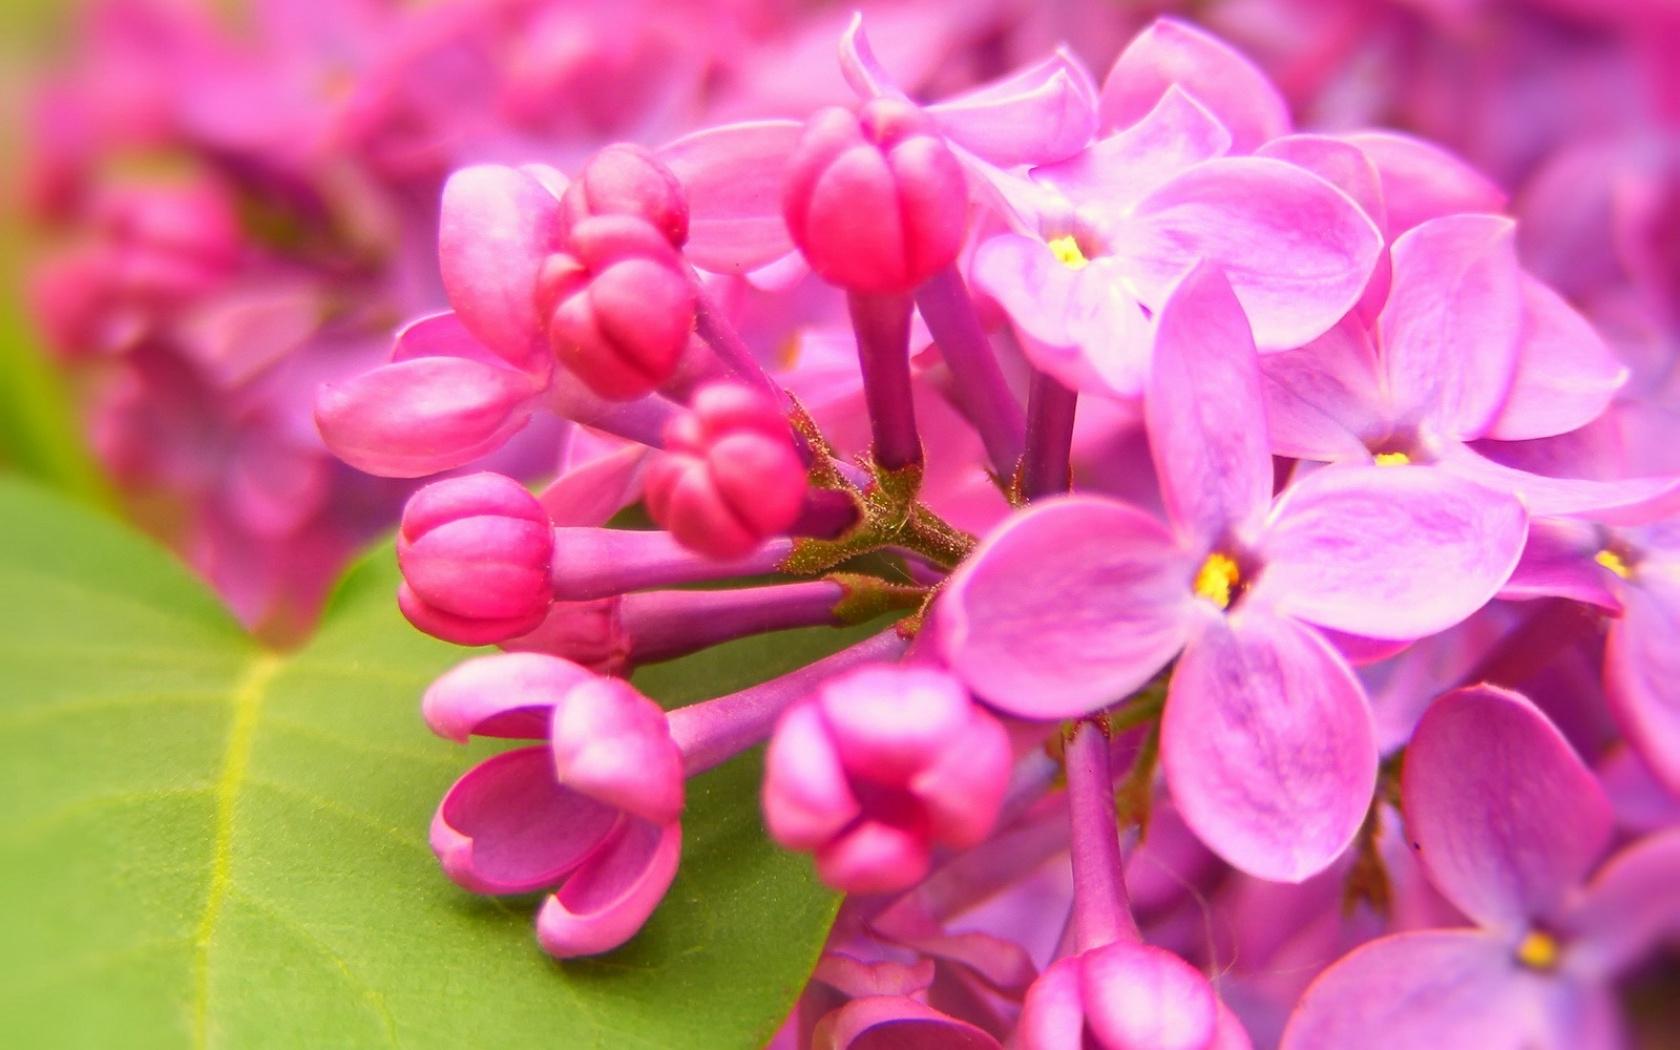 Сирень белая розовая сиреневая  № 3065842 бесплатно